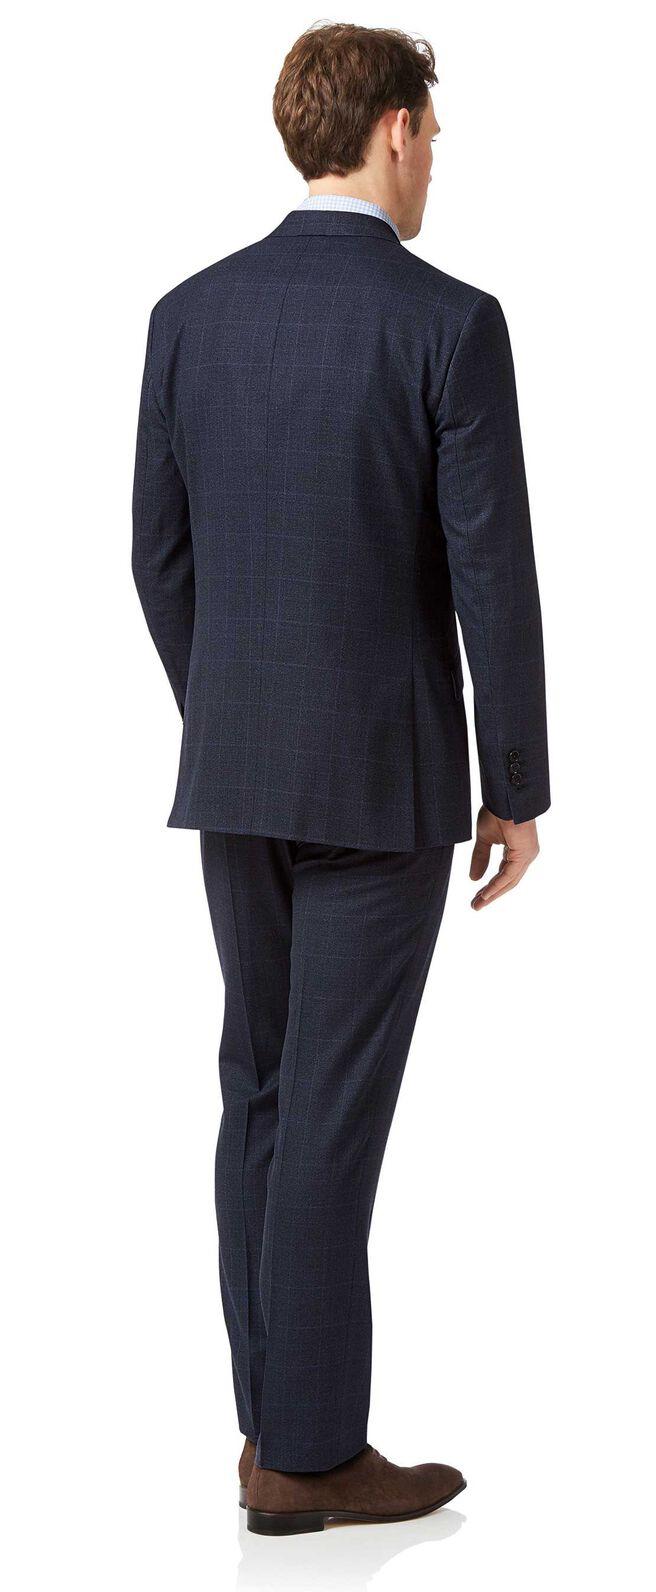 Costume business bleu jaspé slim fit à carreaux